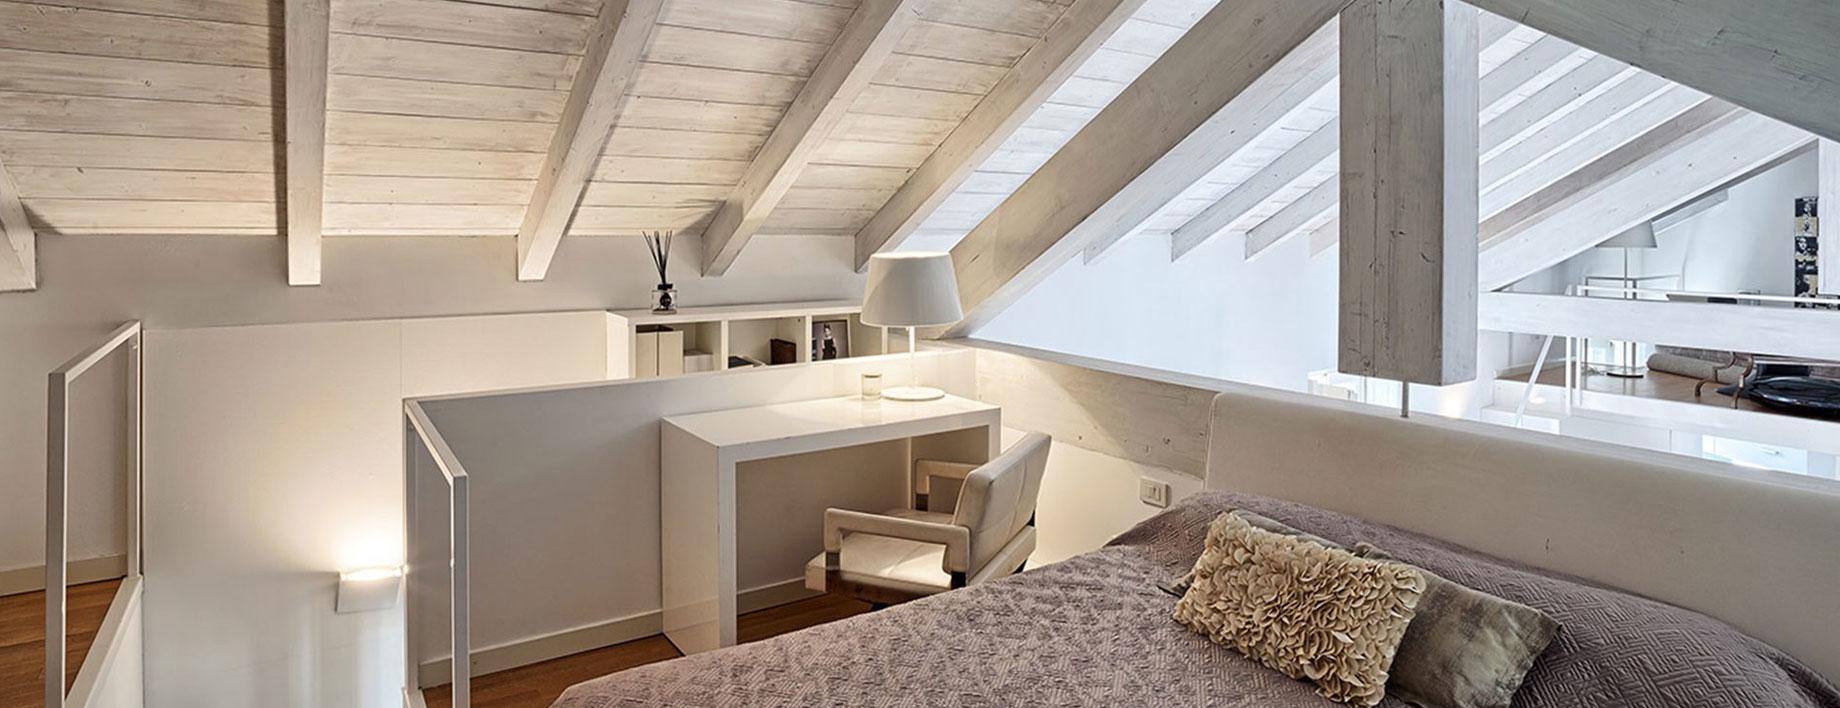 ImmobiliaRE-Veio-attico-camera-da-letto